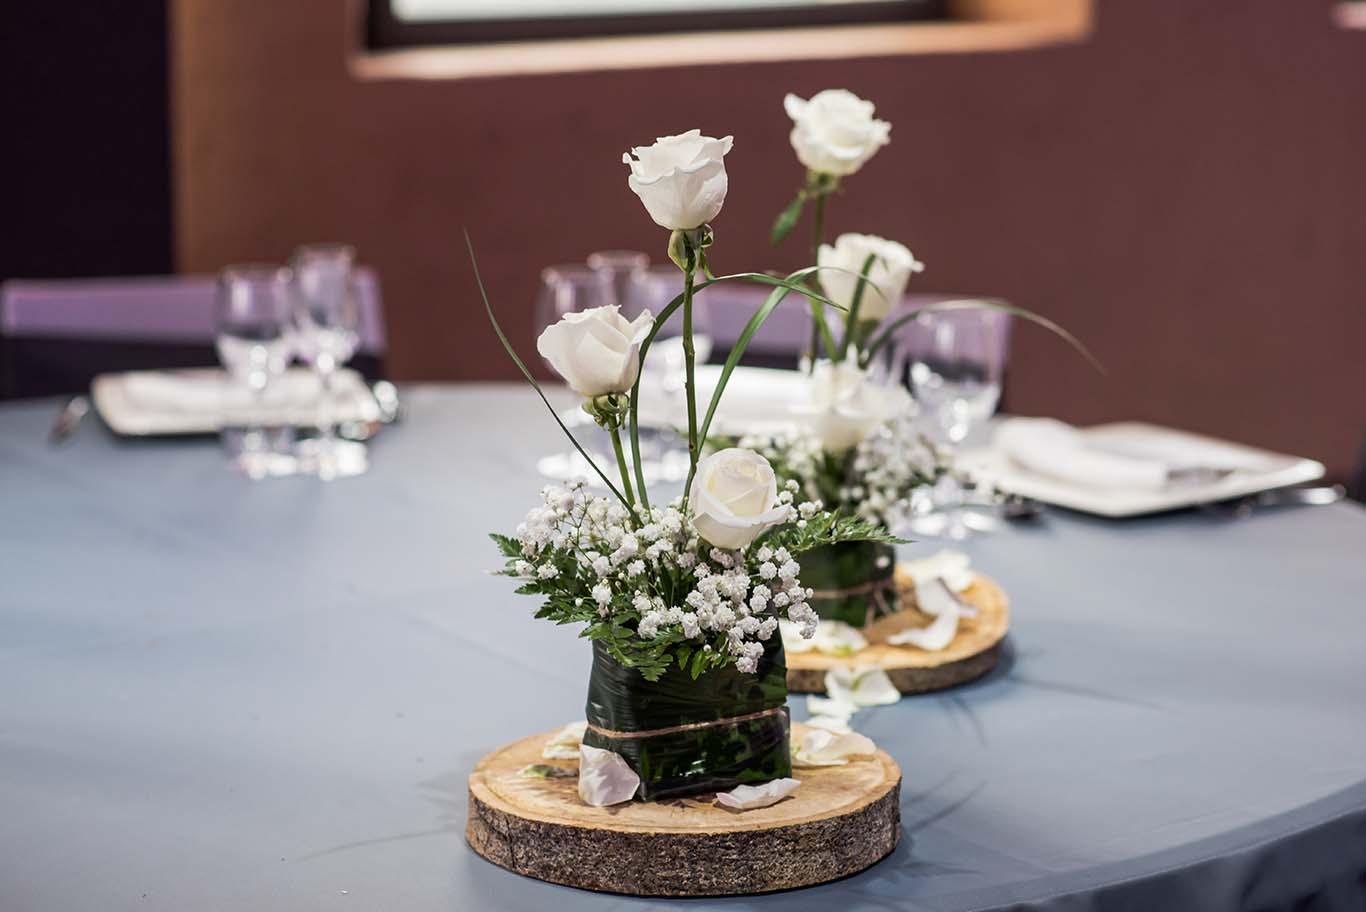 Casaments-ca-nalzina-espai-gastronomia79